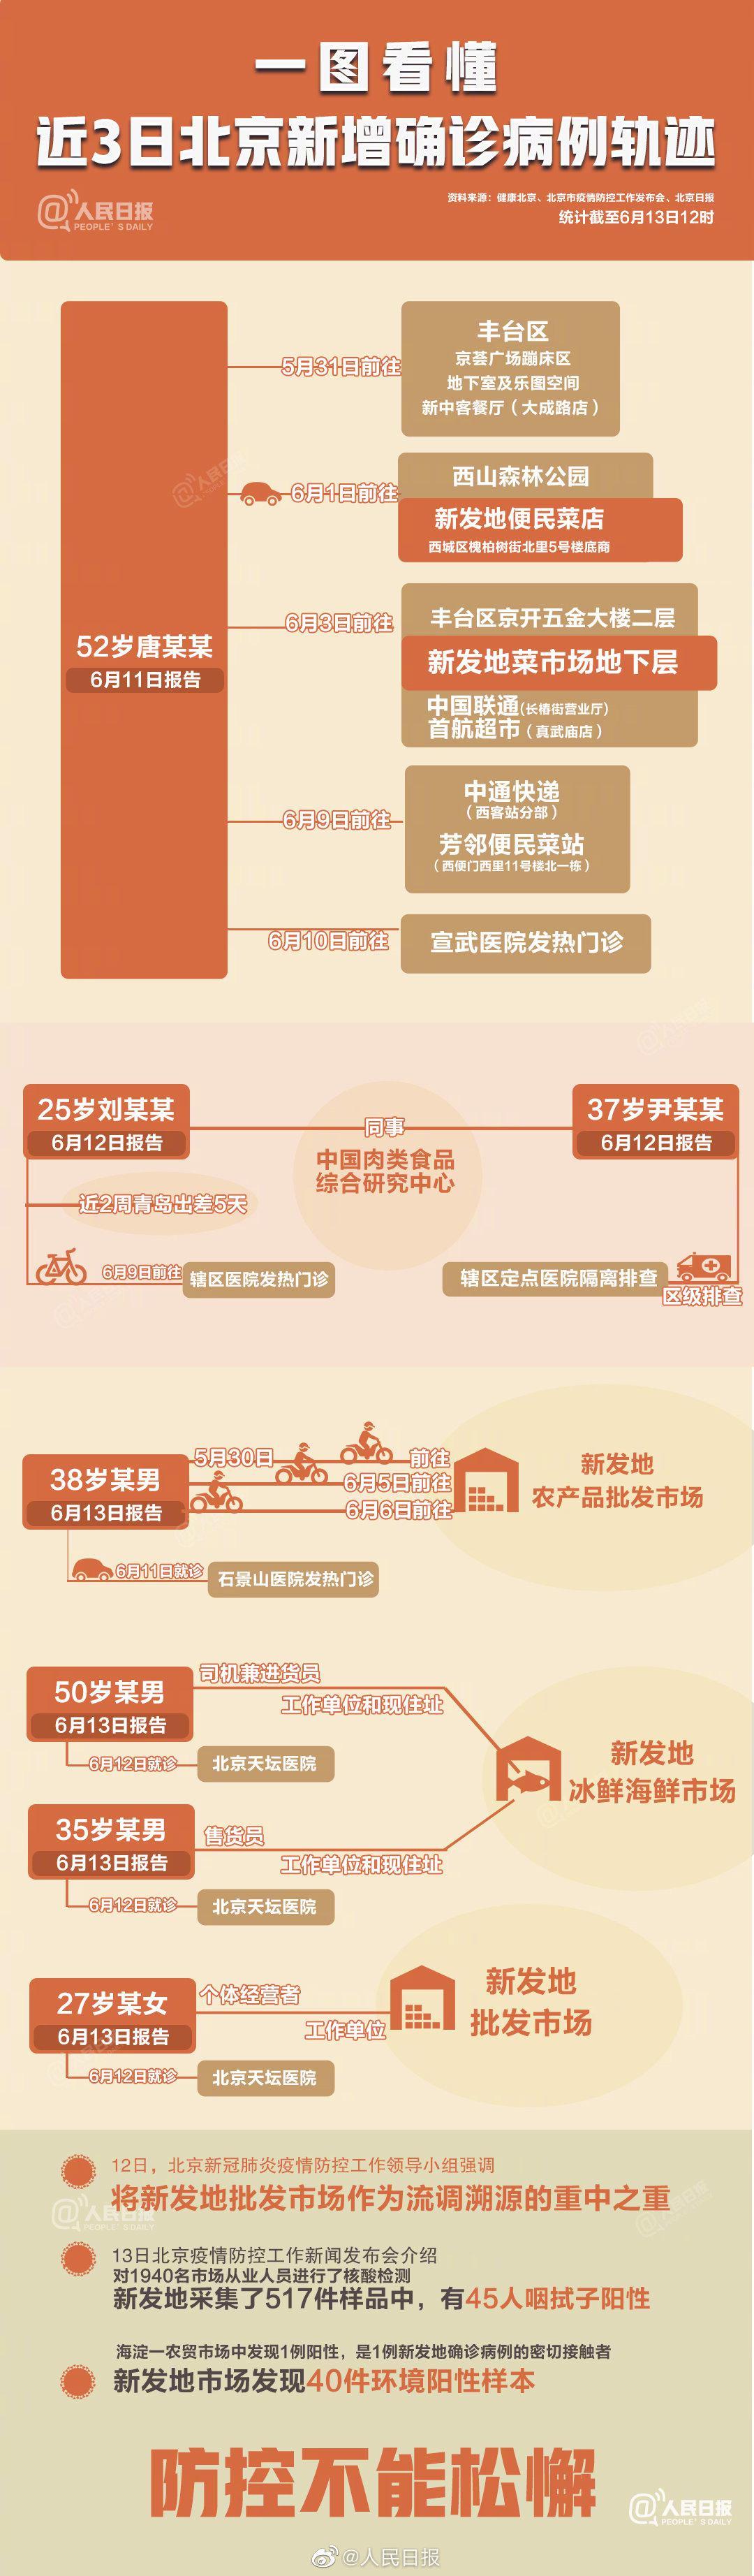 [赢咖3平台登陆]看赢咖3平台登陆懂北京新增确图片